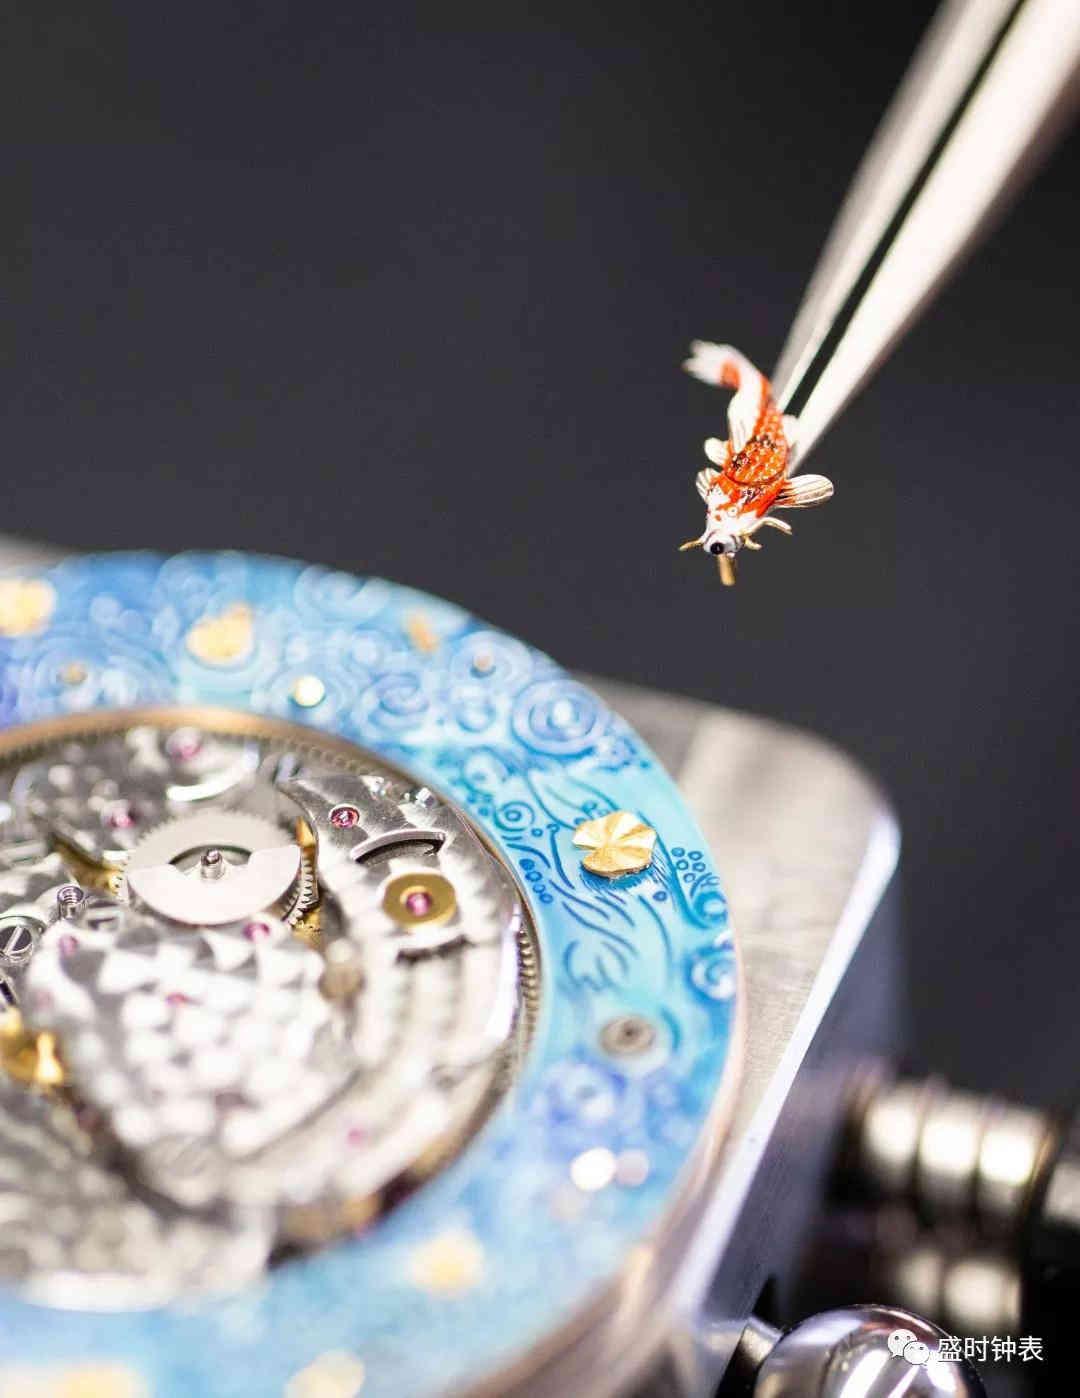 首屆TTM | 歐米茄寶璣寶珀等六大SWATCH品牌新款精華貼